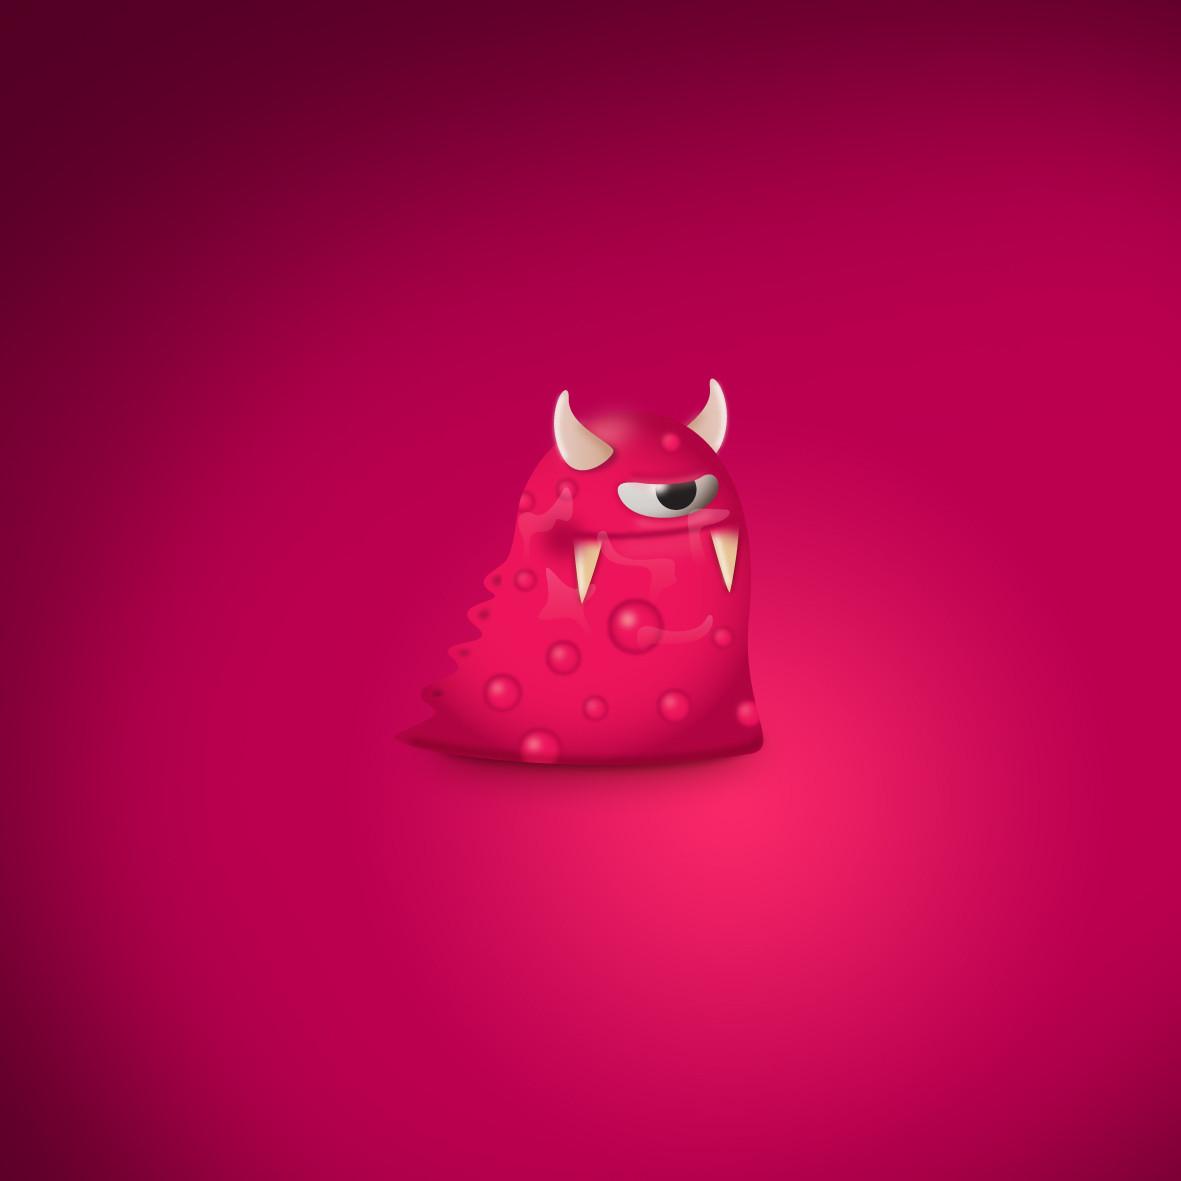 03_monster_pink.jpg